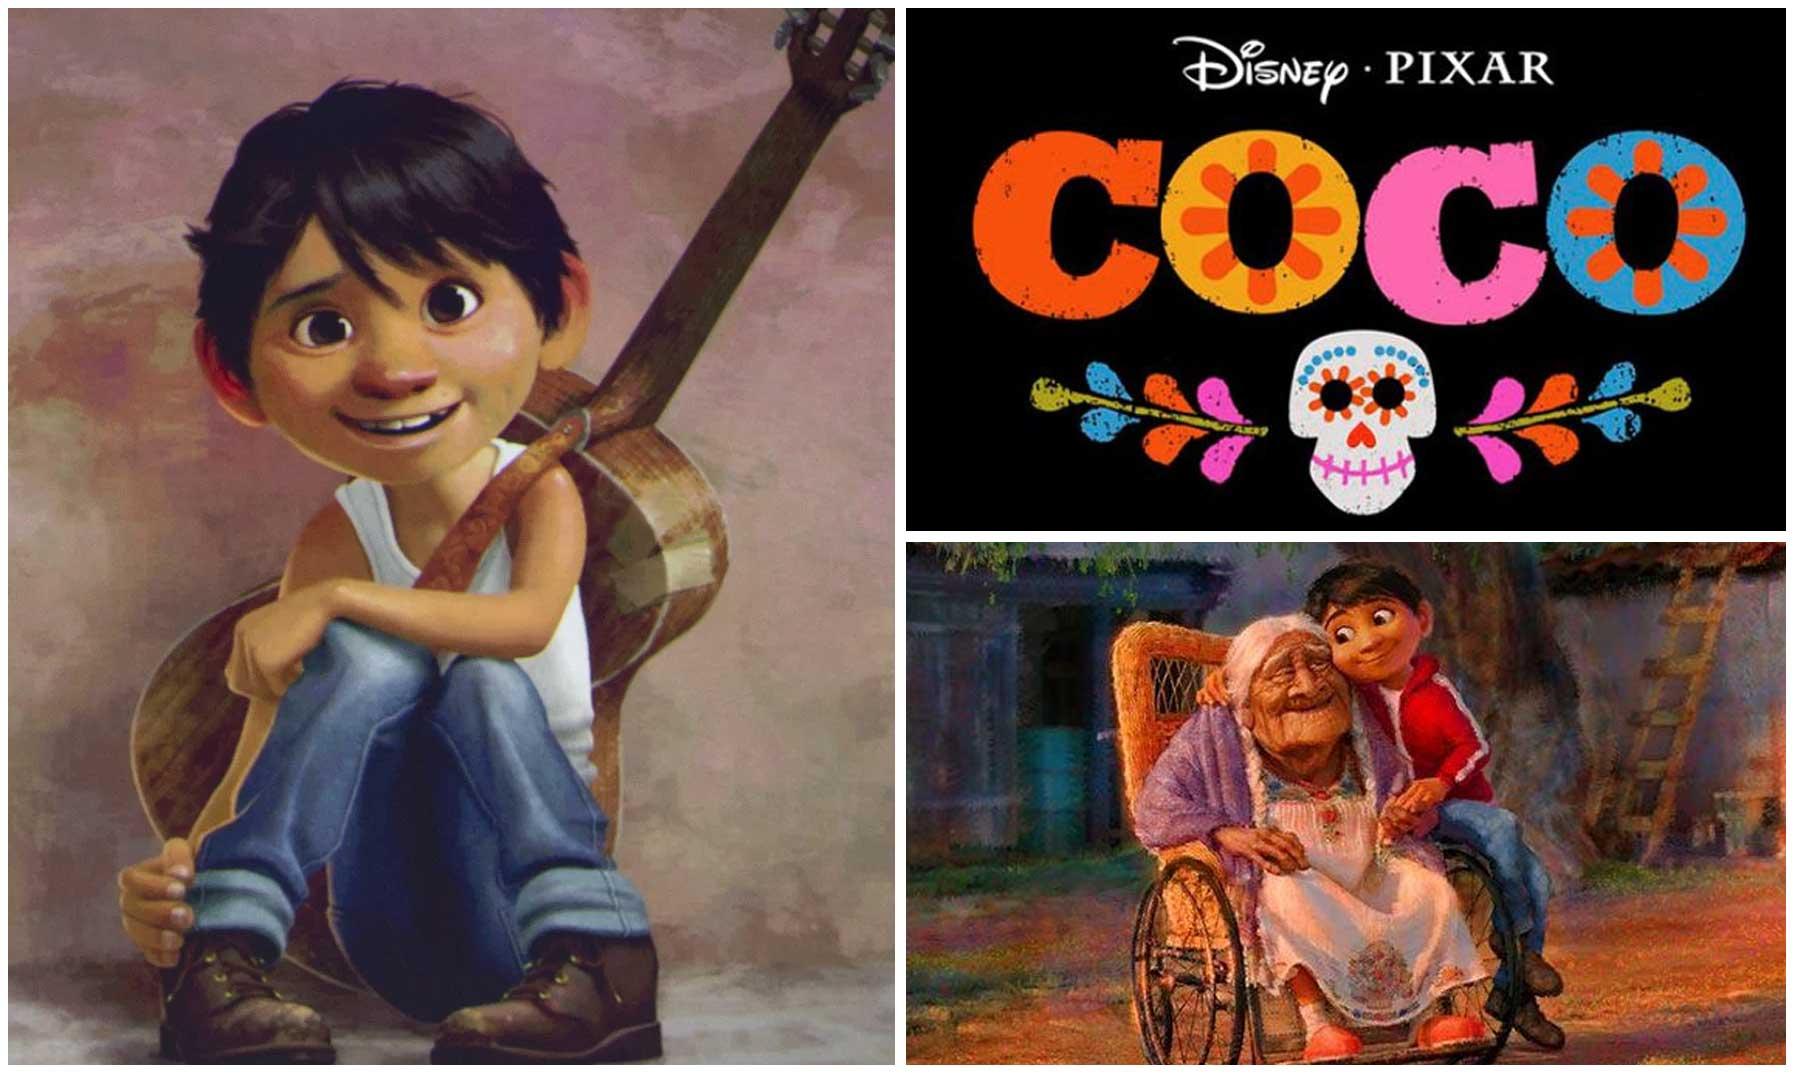 Coco un ni o mexicano ser el nuevo protagonista de pixar for Imagenes de coco